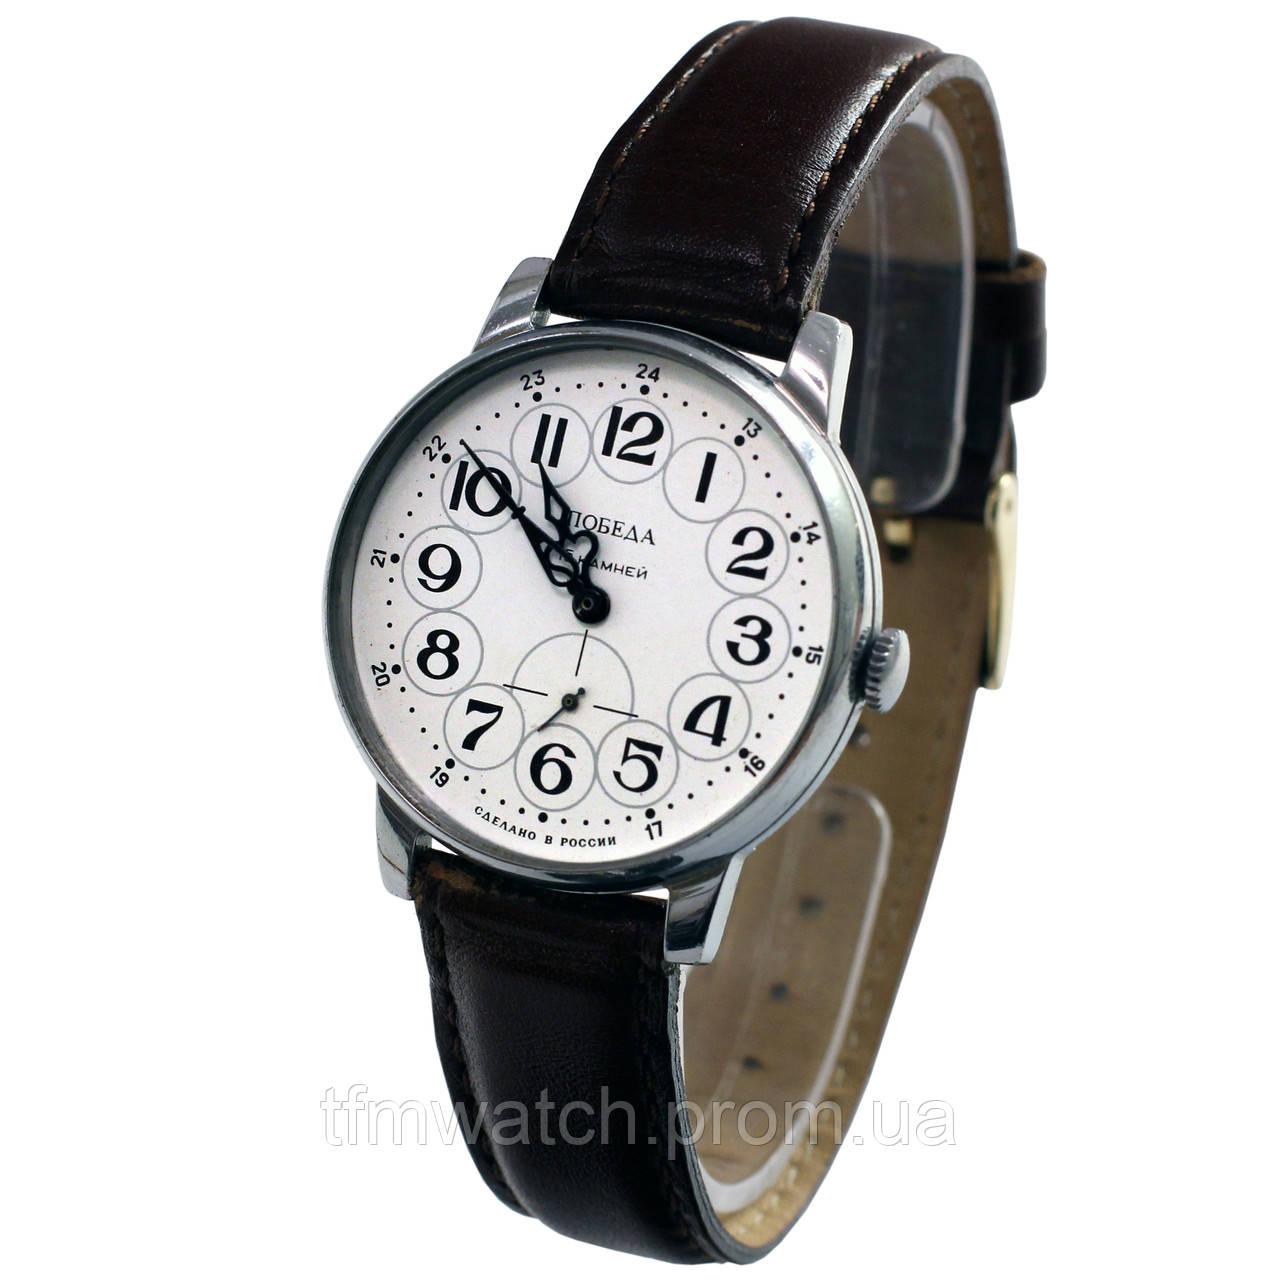 1d030278 Российские часы Победа 15 камней - Магазин старинных, винтажных и  антикварных часов TFMwatch в России